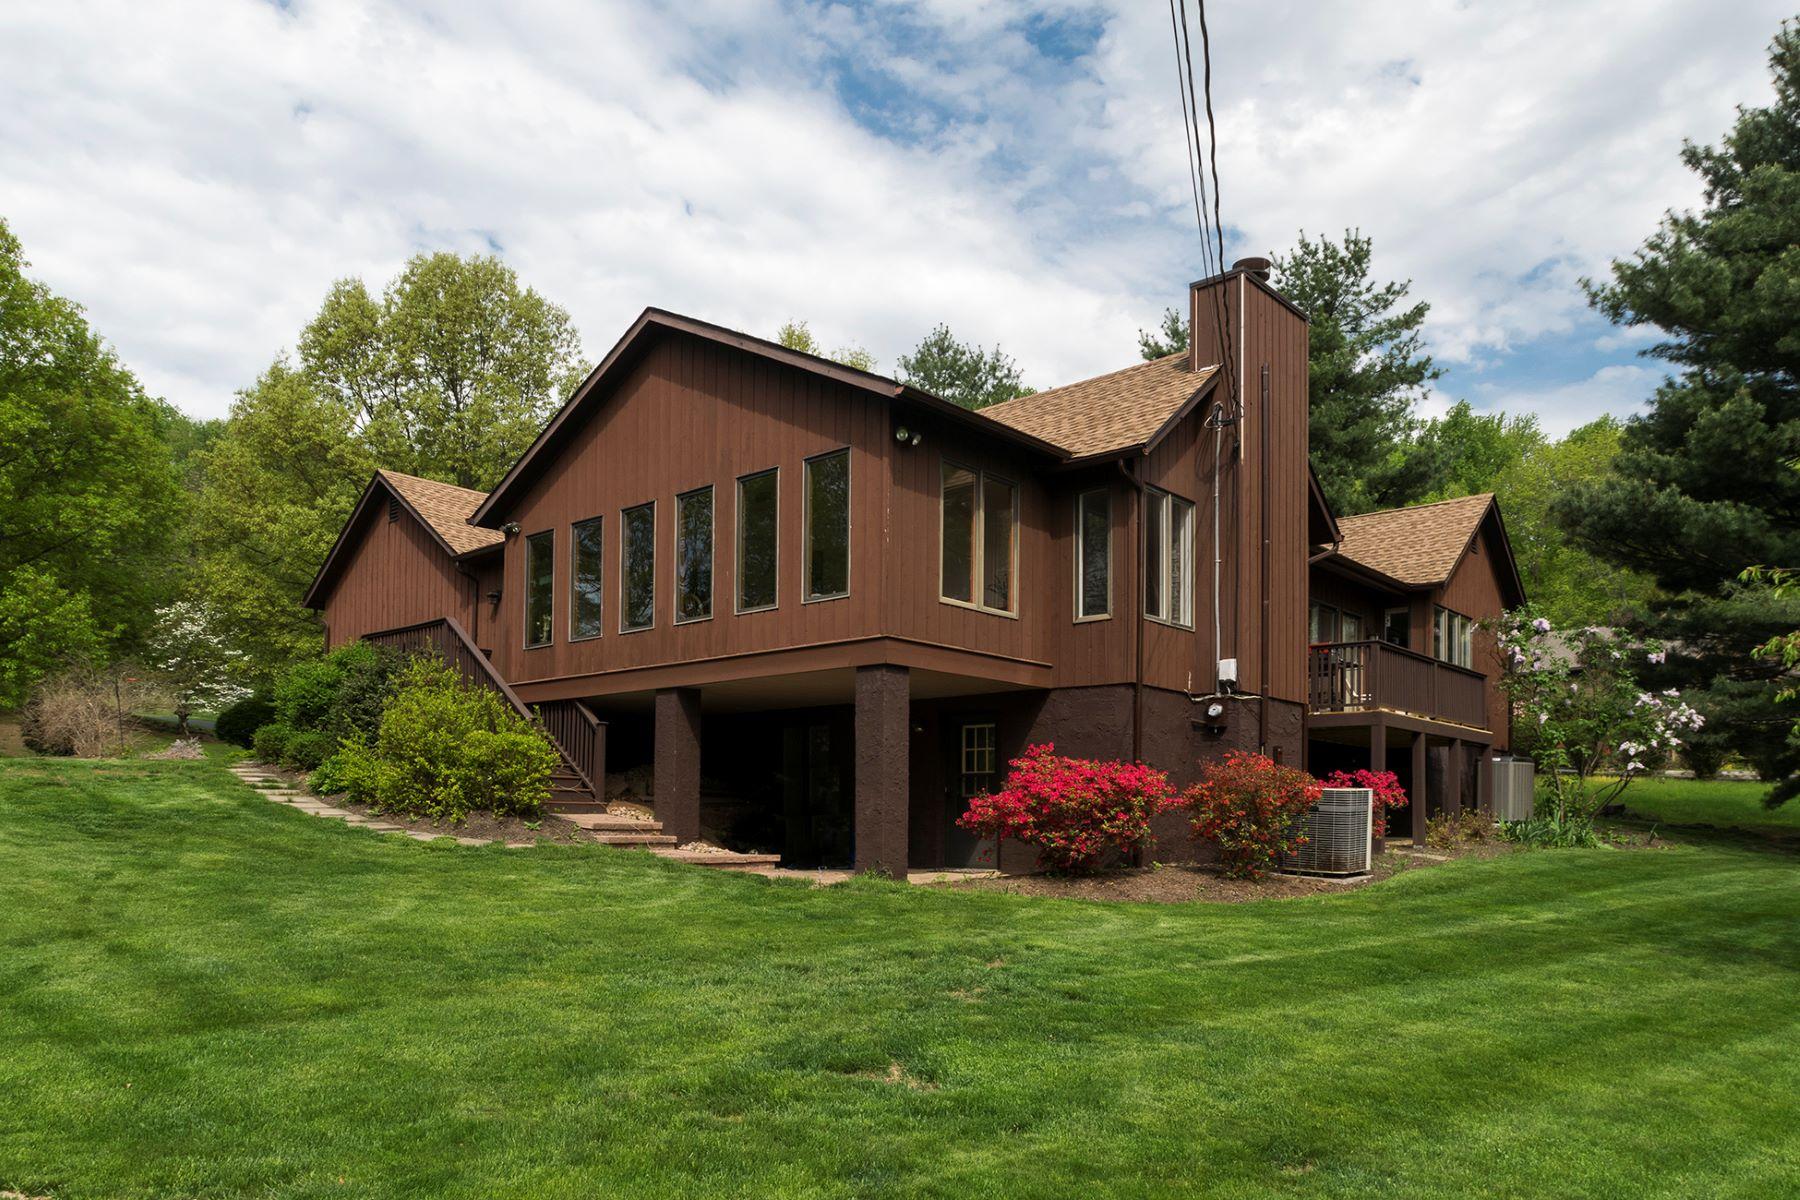 独户住宅 为 销售 在 Great Style In A Great Location 2 Timber Ridge Court, 夫雷明顿, 新泽西州 08822 美国在/周边: Raritan Township